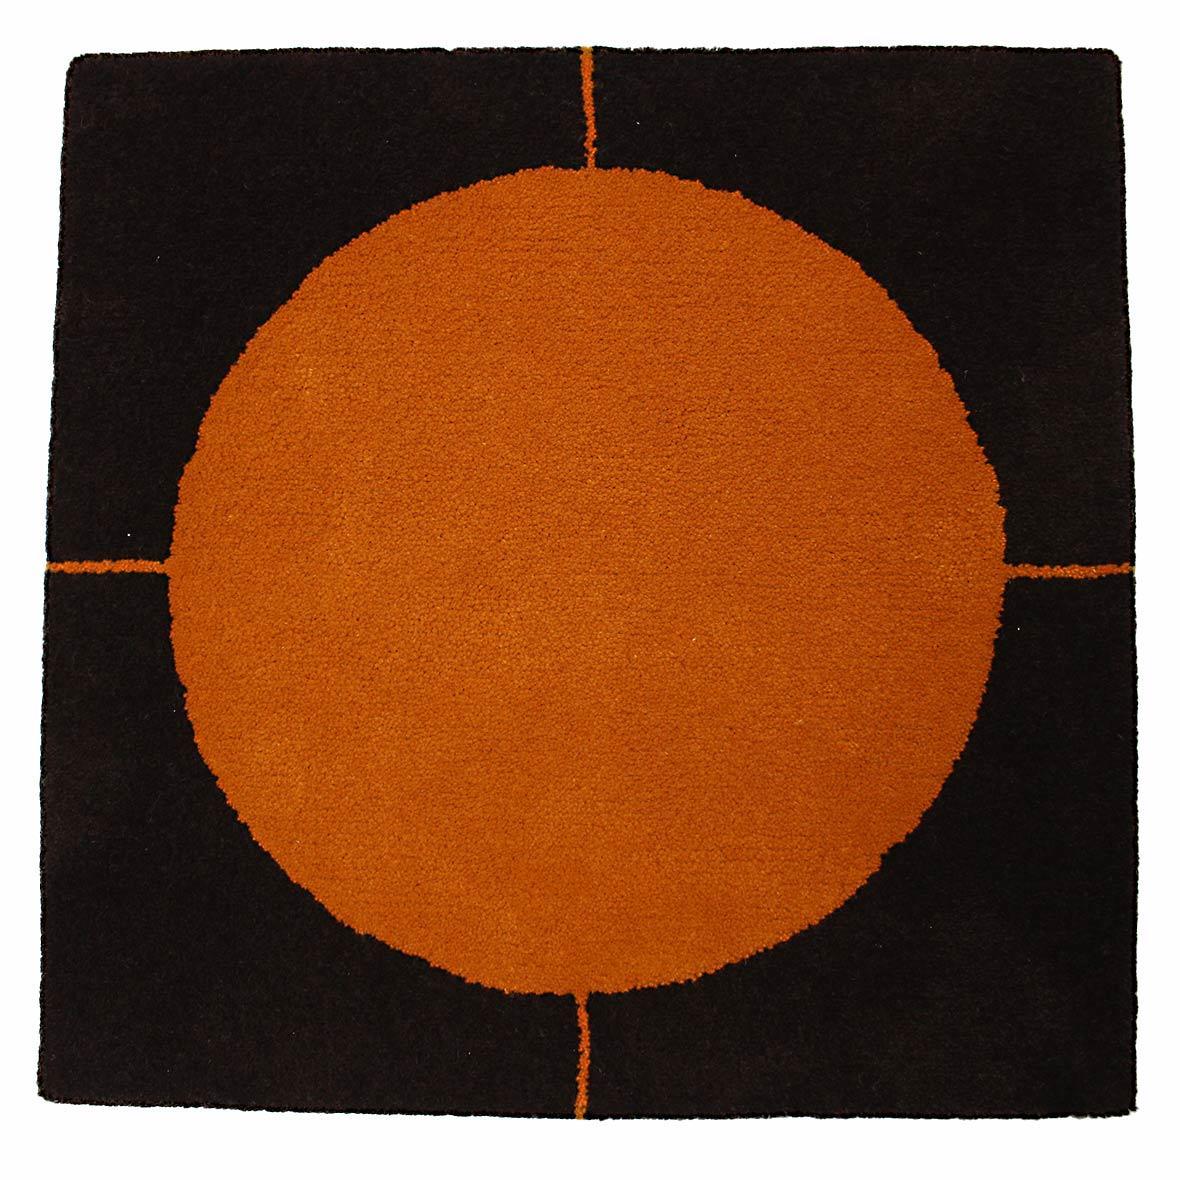 jassteppich modern dunkelbraun gelb orange kramis